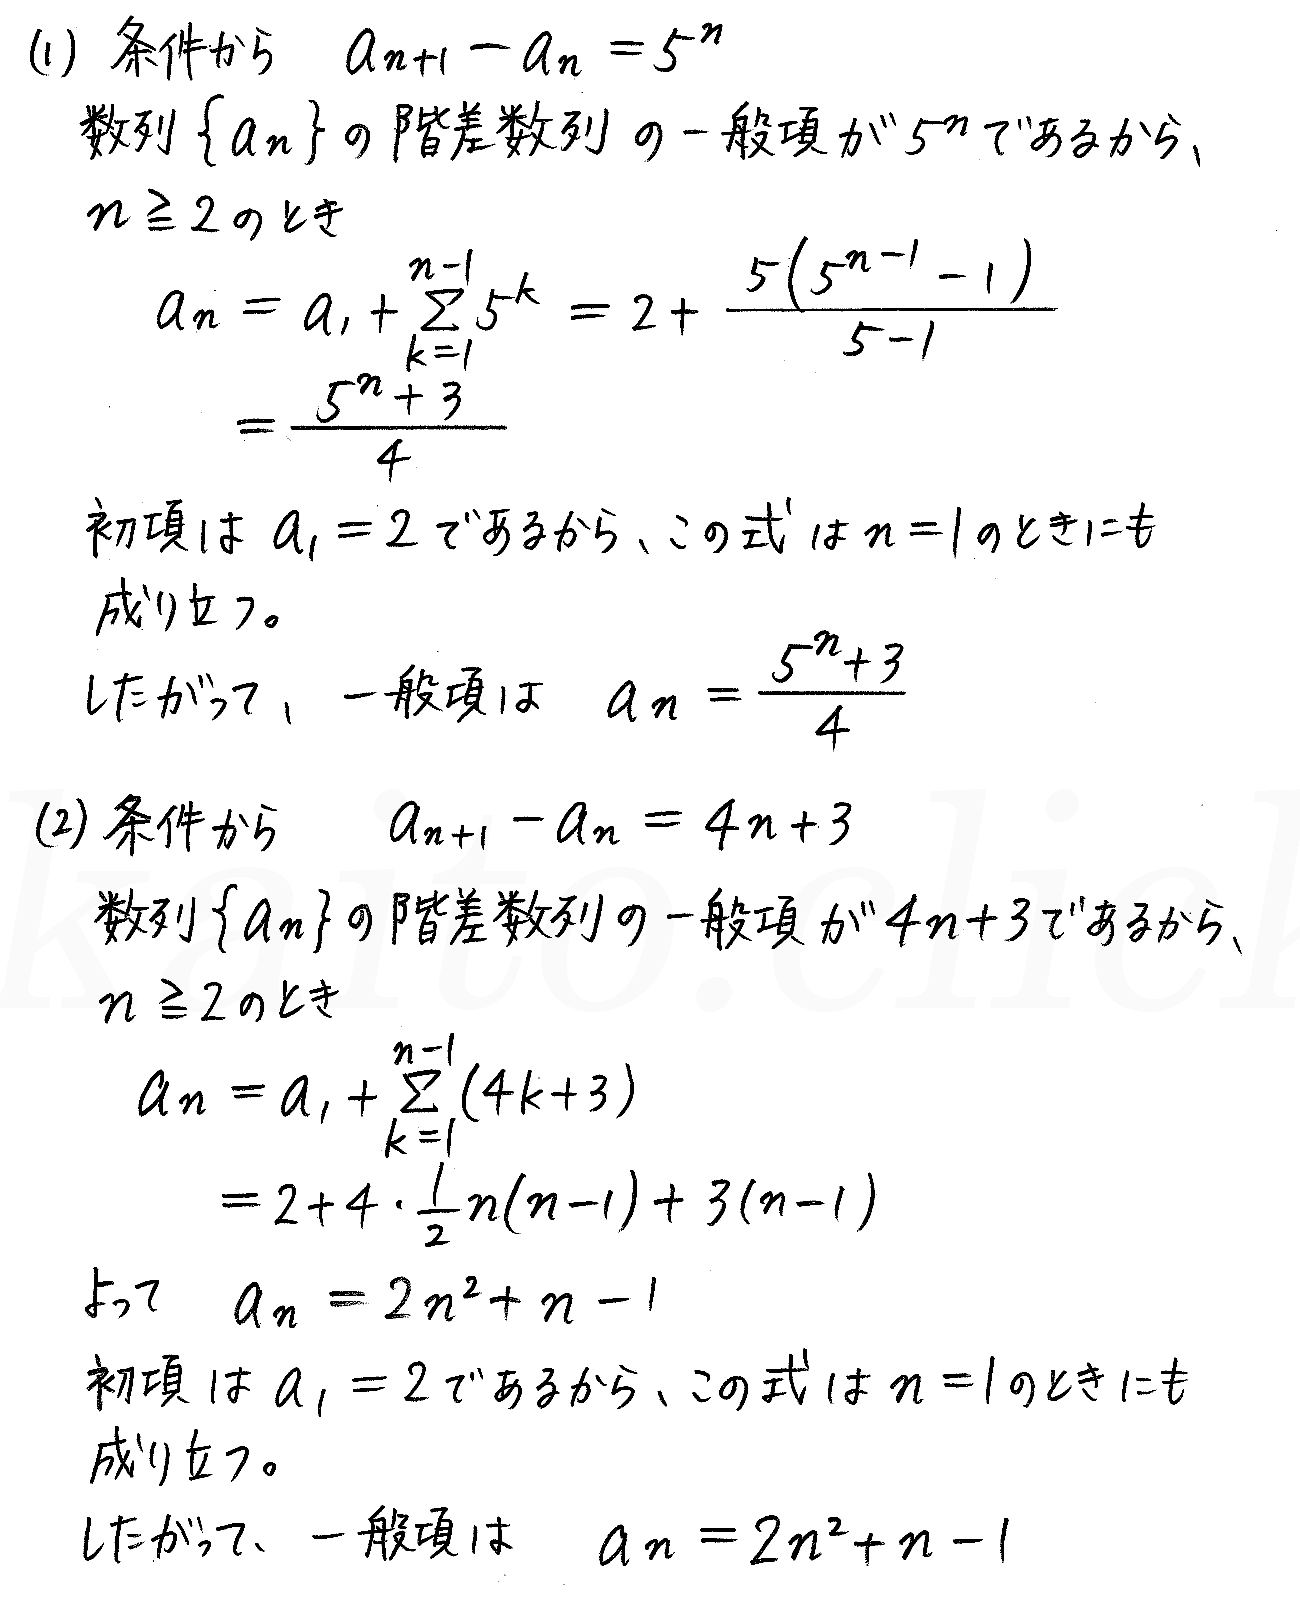 クリアー数学B-224解答